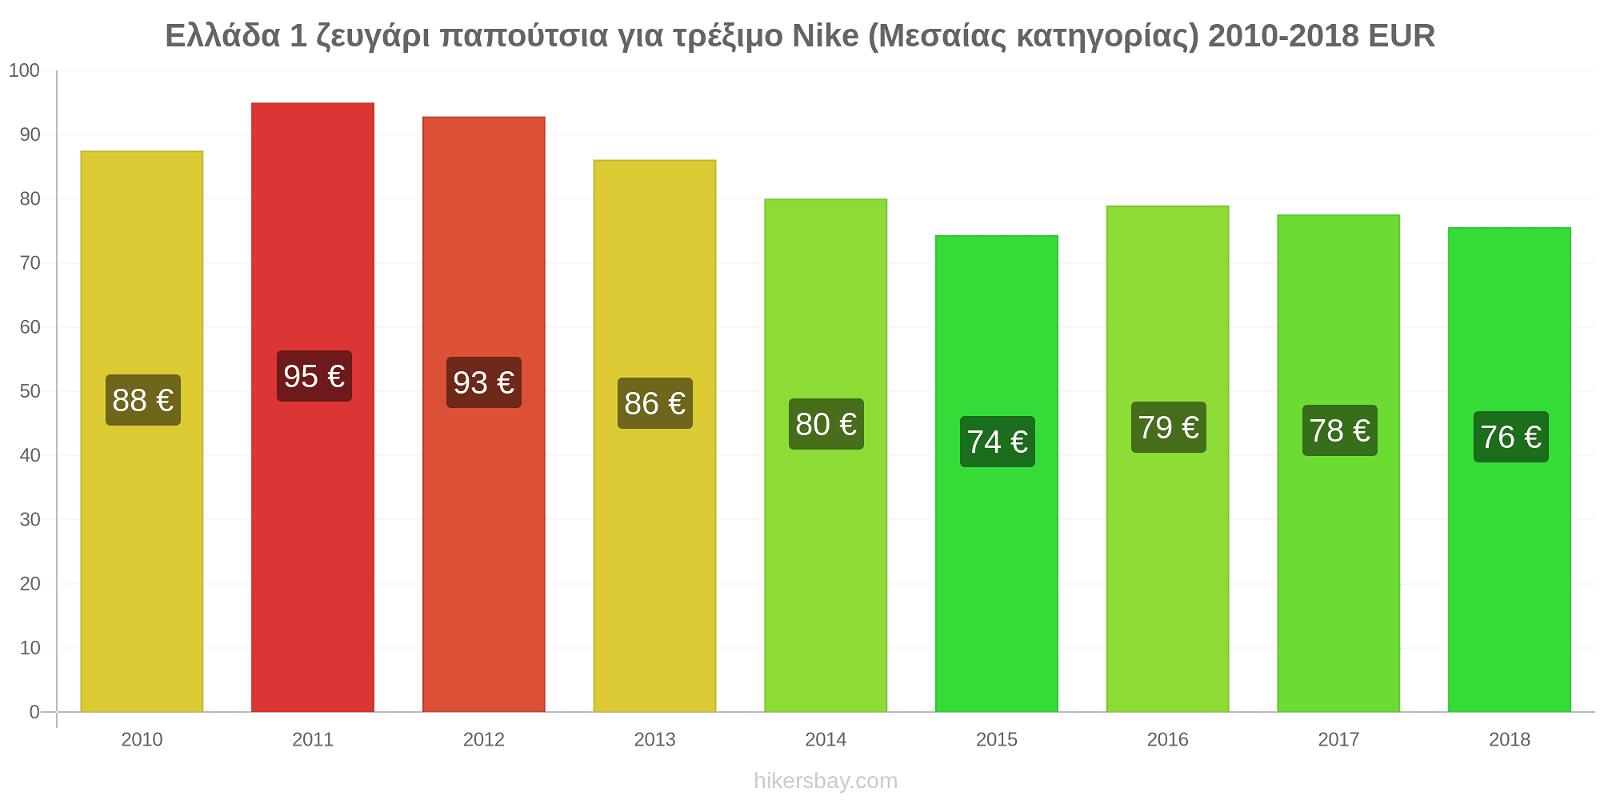 Ελλάδα αλλαγές τιμών 1 ζευγάρι παπούτσια για τρέξιμο Nike (Μεσαίας κατηγορίας) hikersbay.com